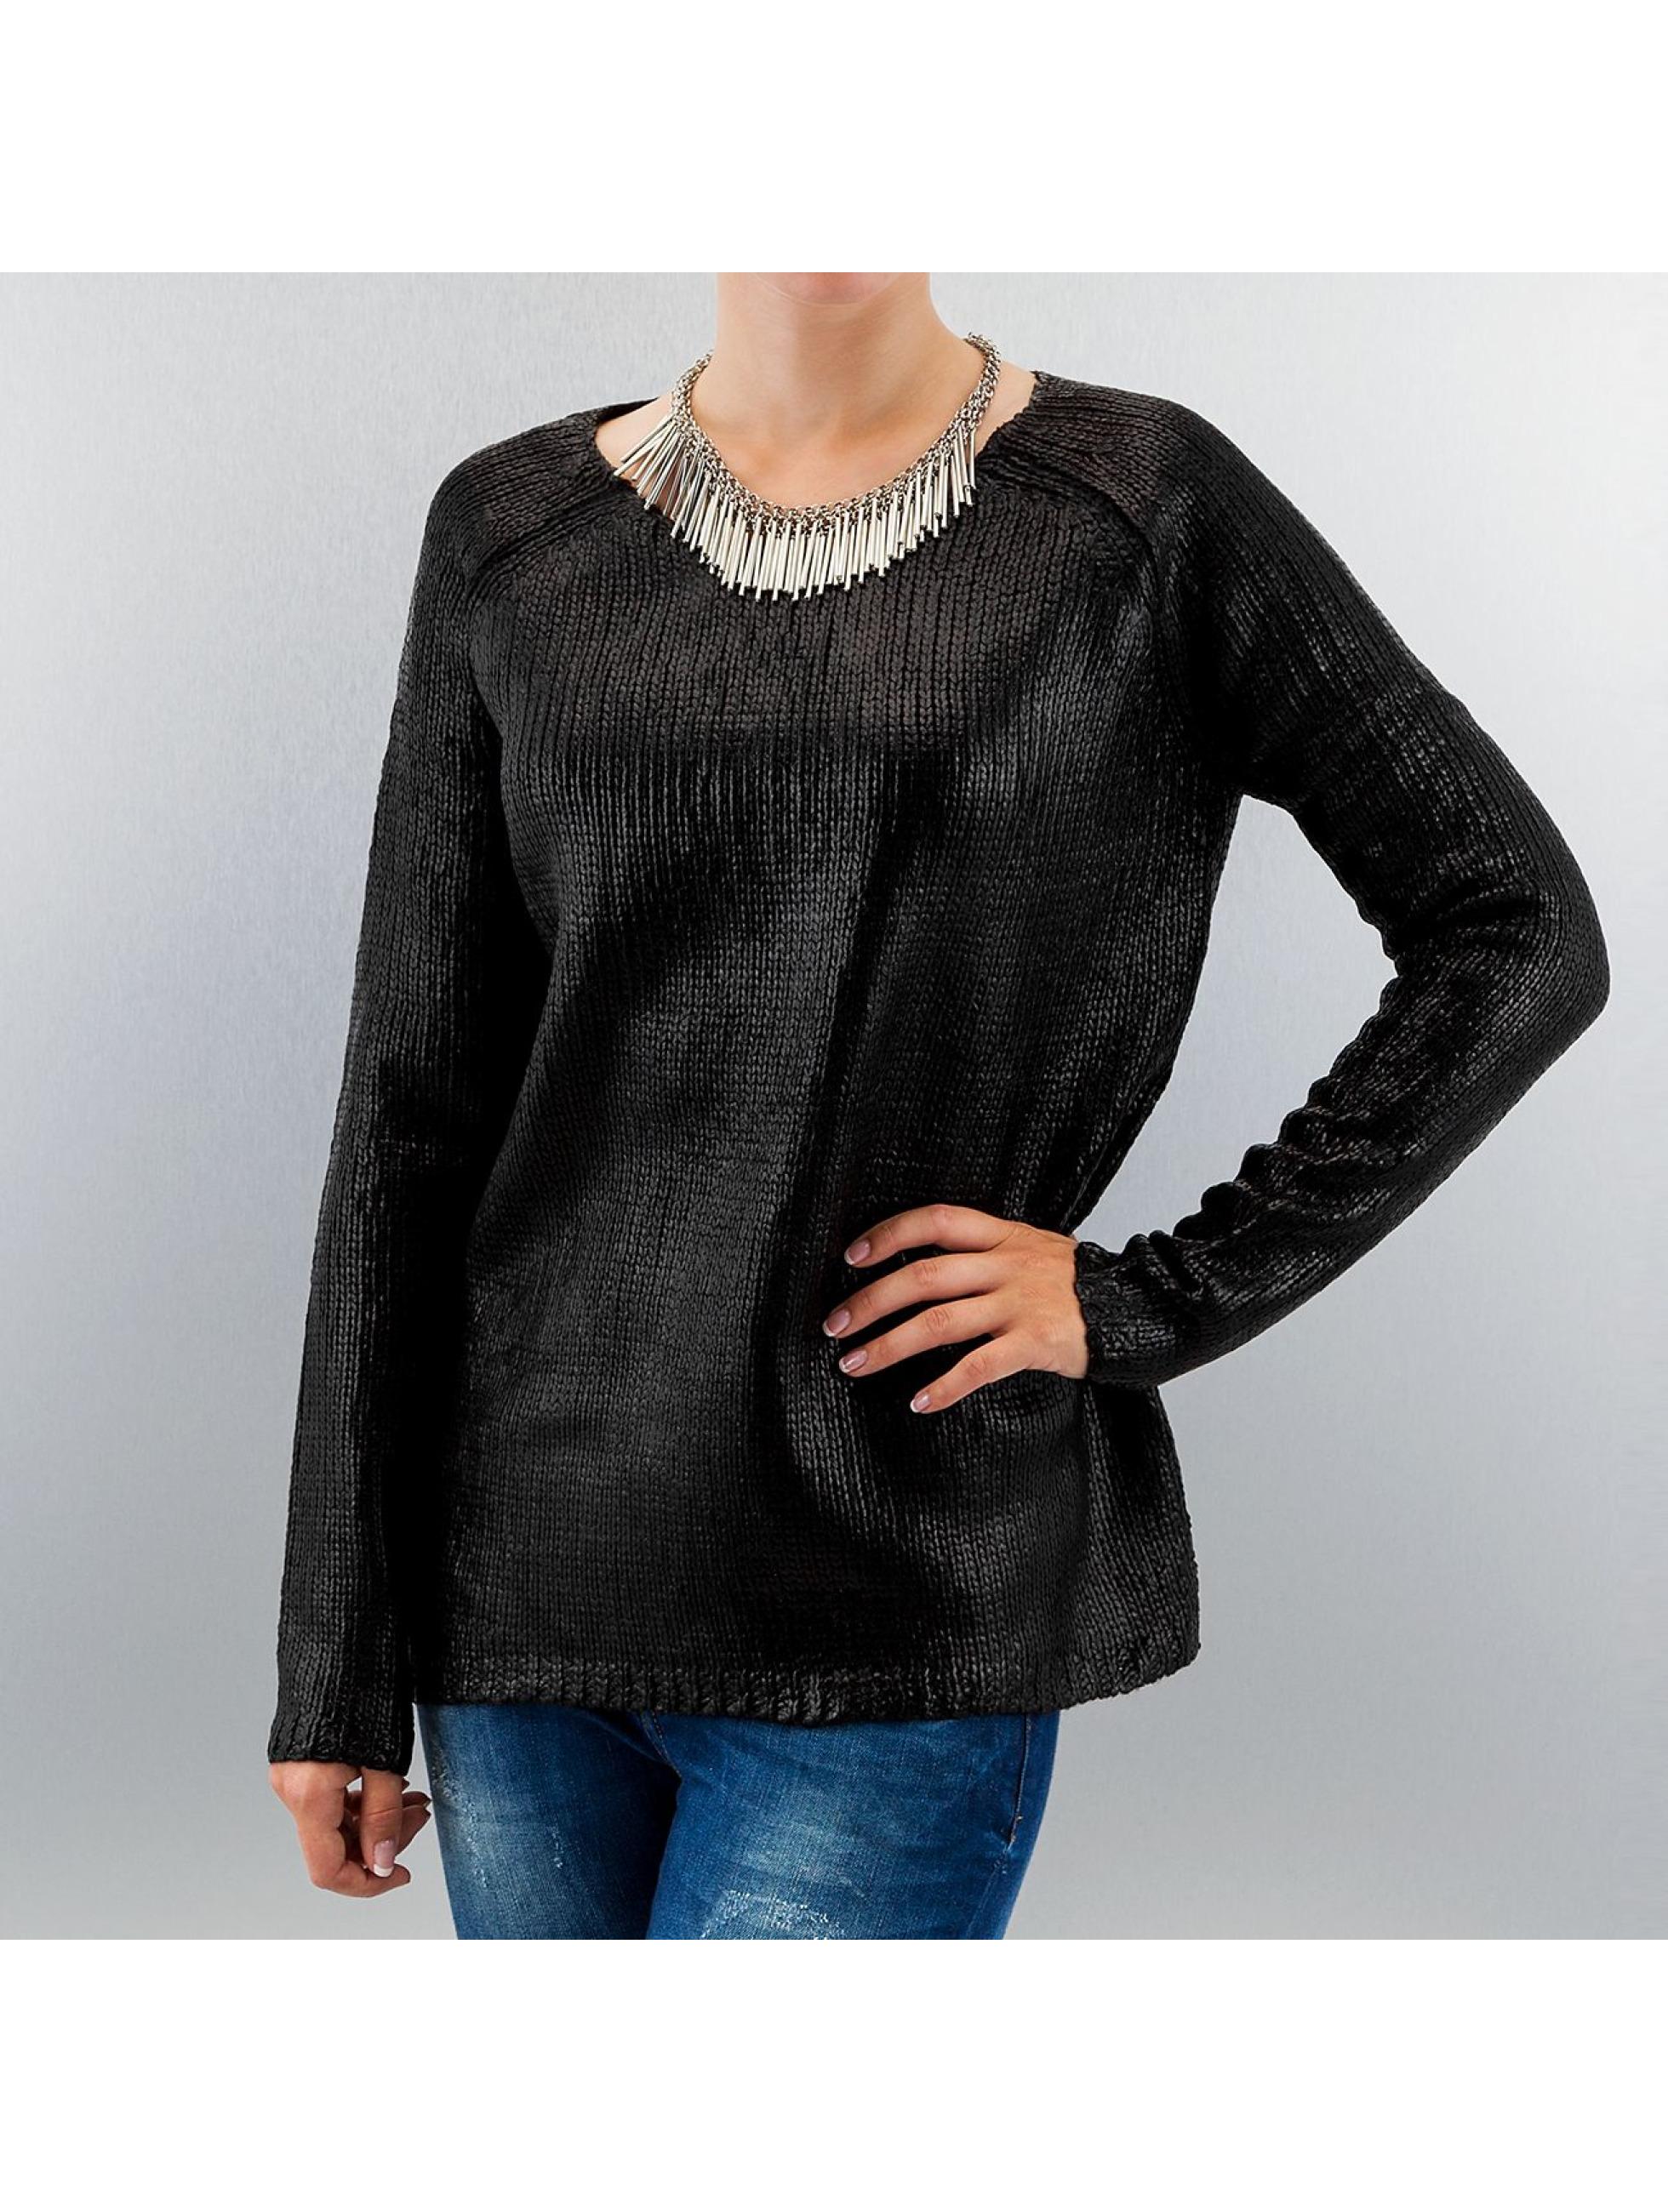 Pullover Drop 8 Anabella in schwarz